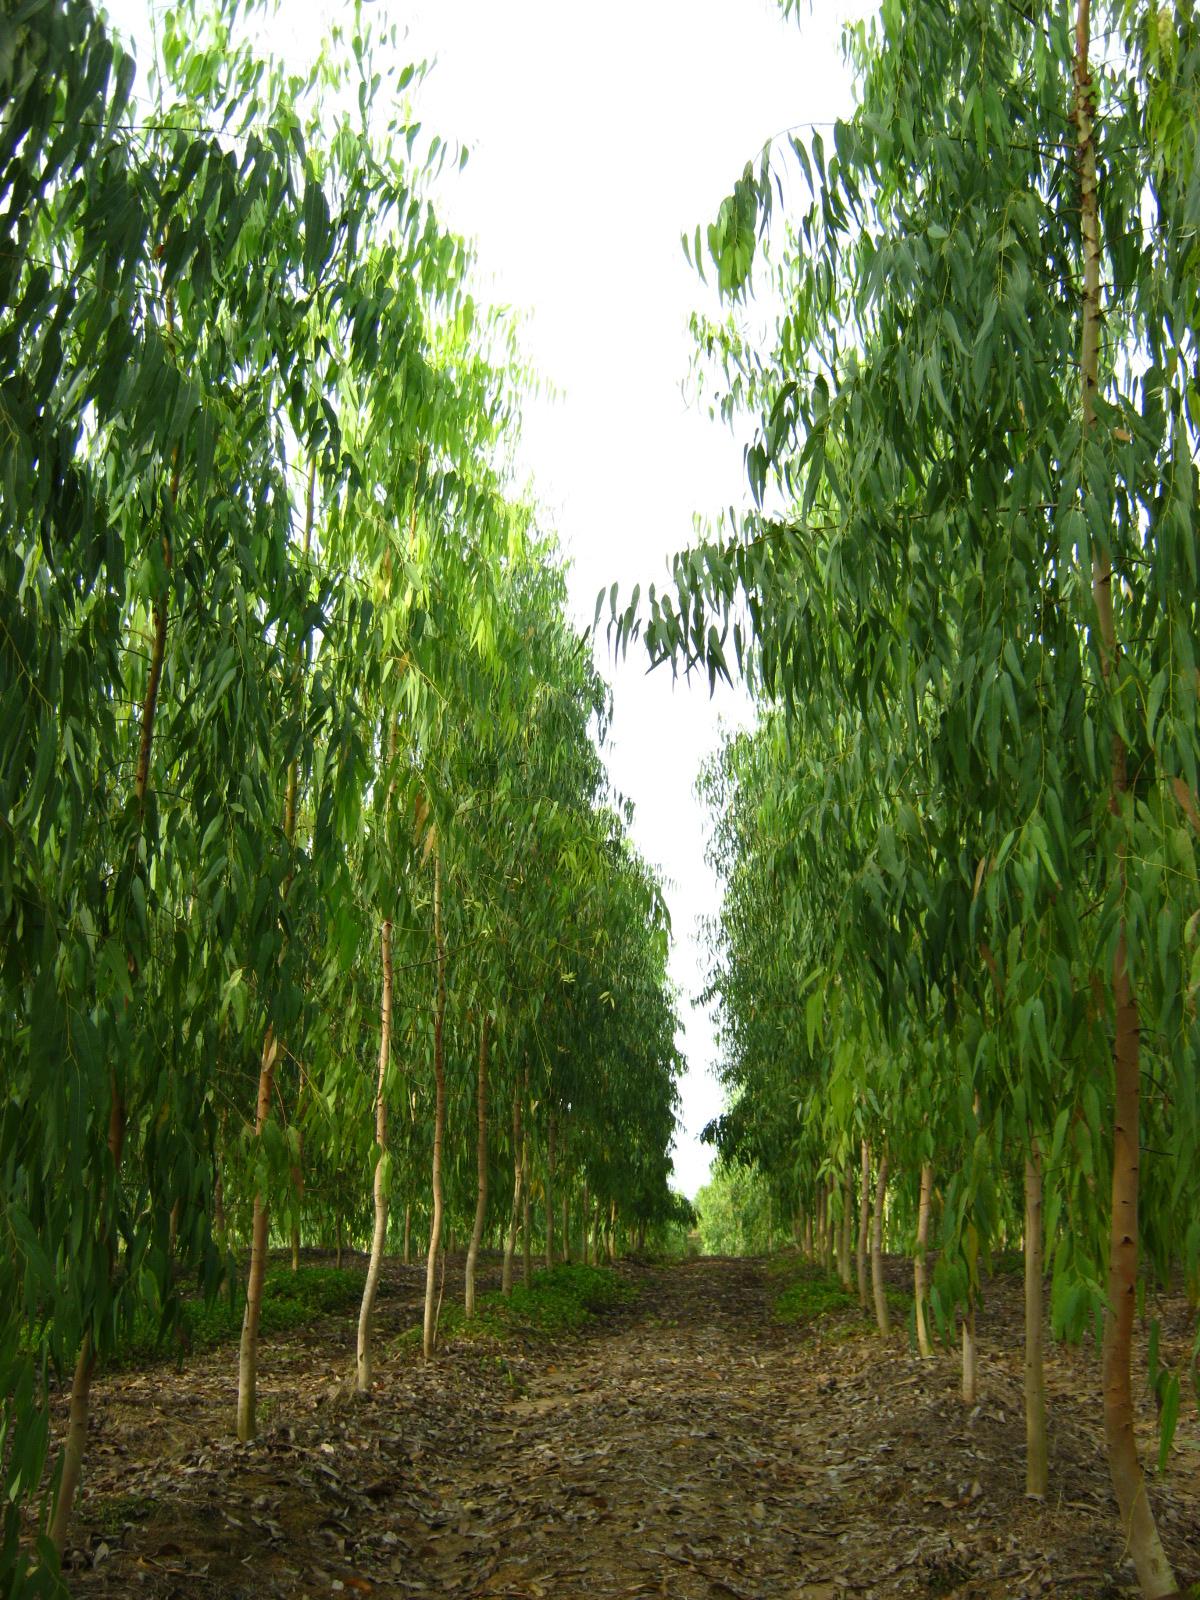 Nutrici n forestal manejo intensivo en cultivos for Manejo de viveros forestales